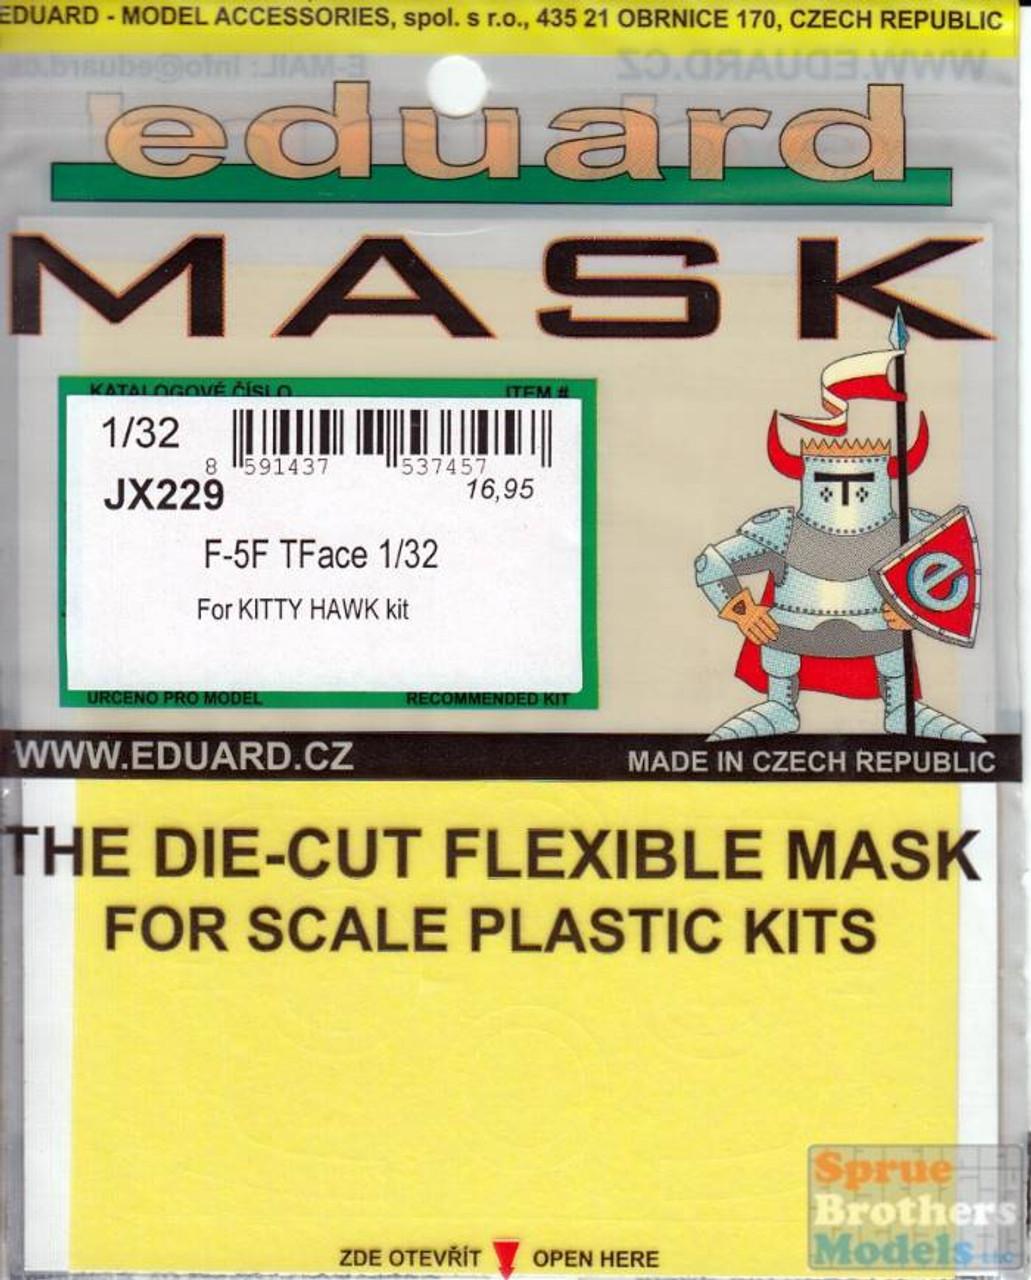 EDUJX229 1:32 Eduard Mask - F-5F Tiger II TFace (KTH kit)